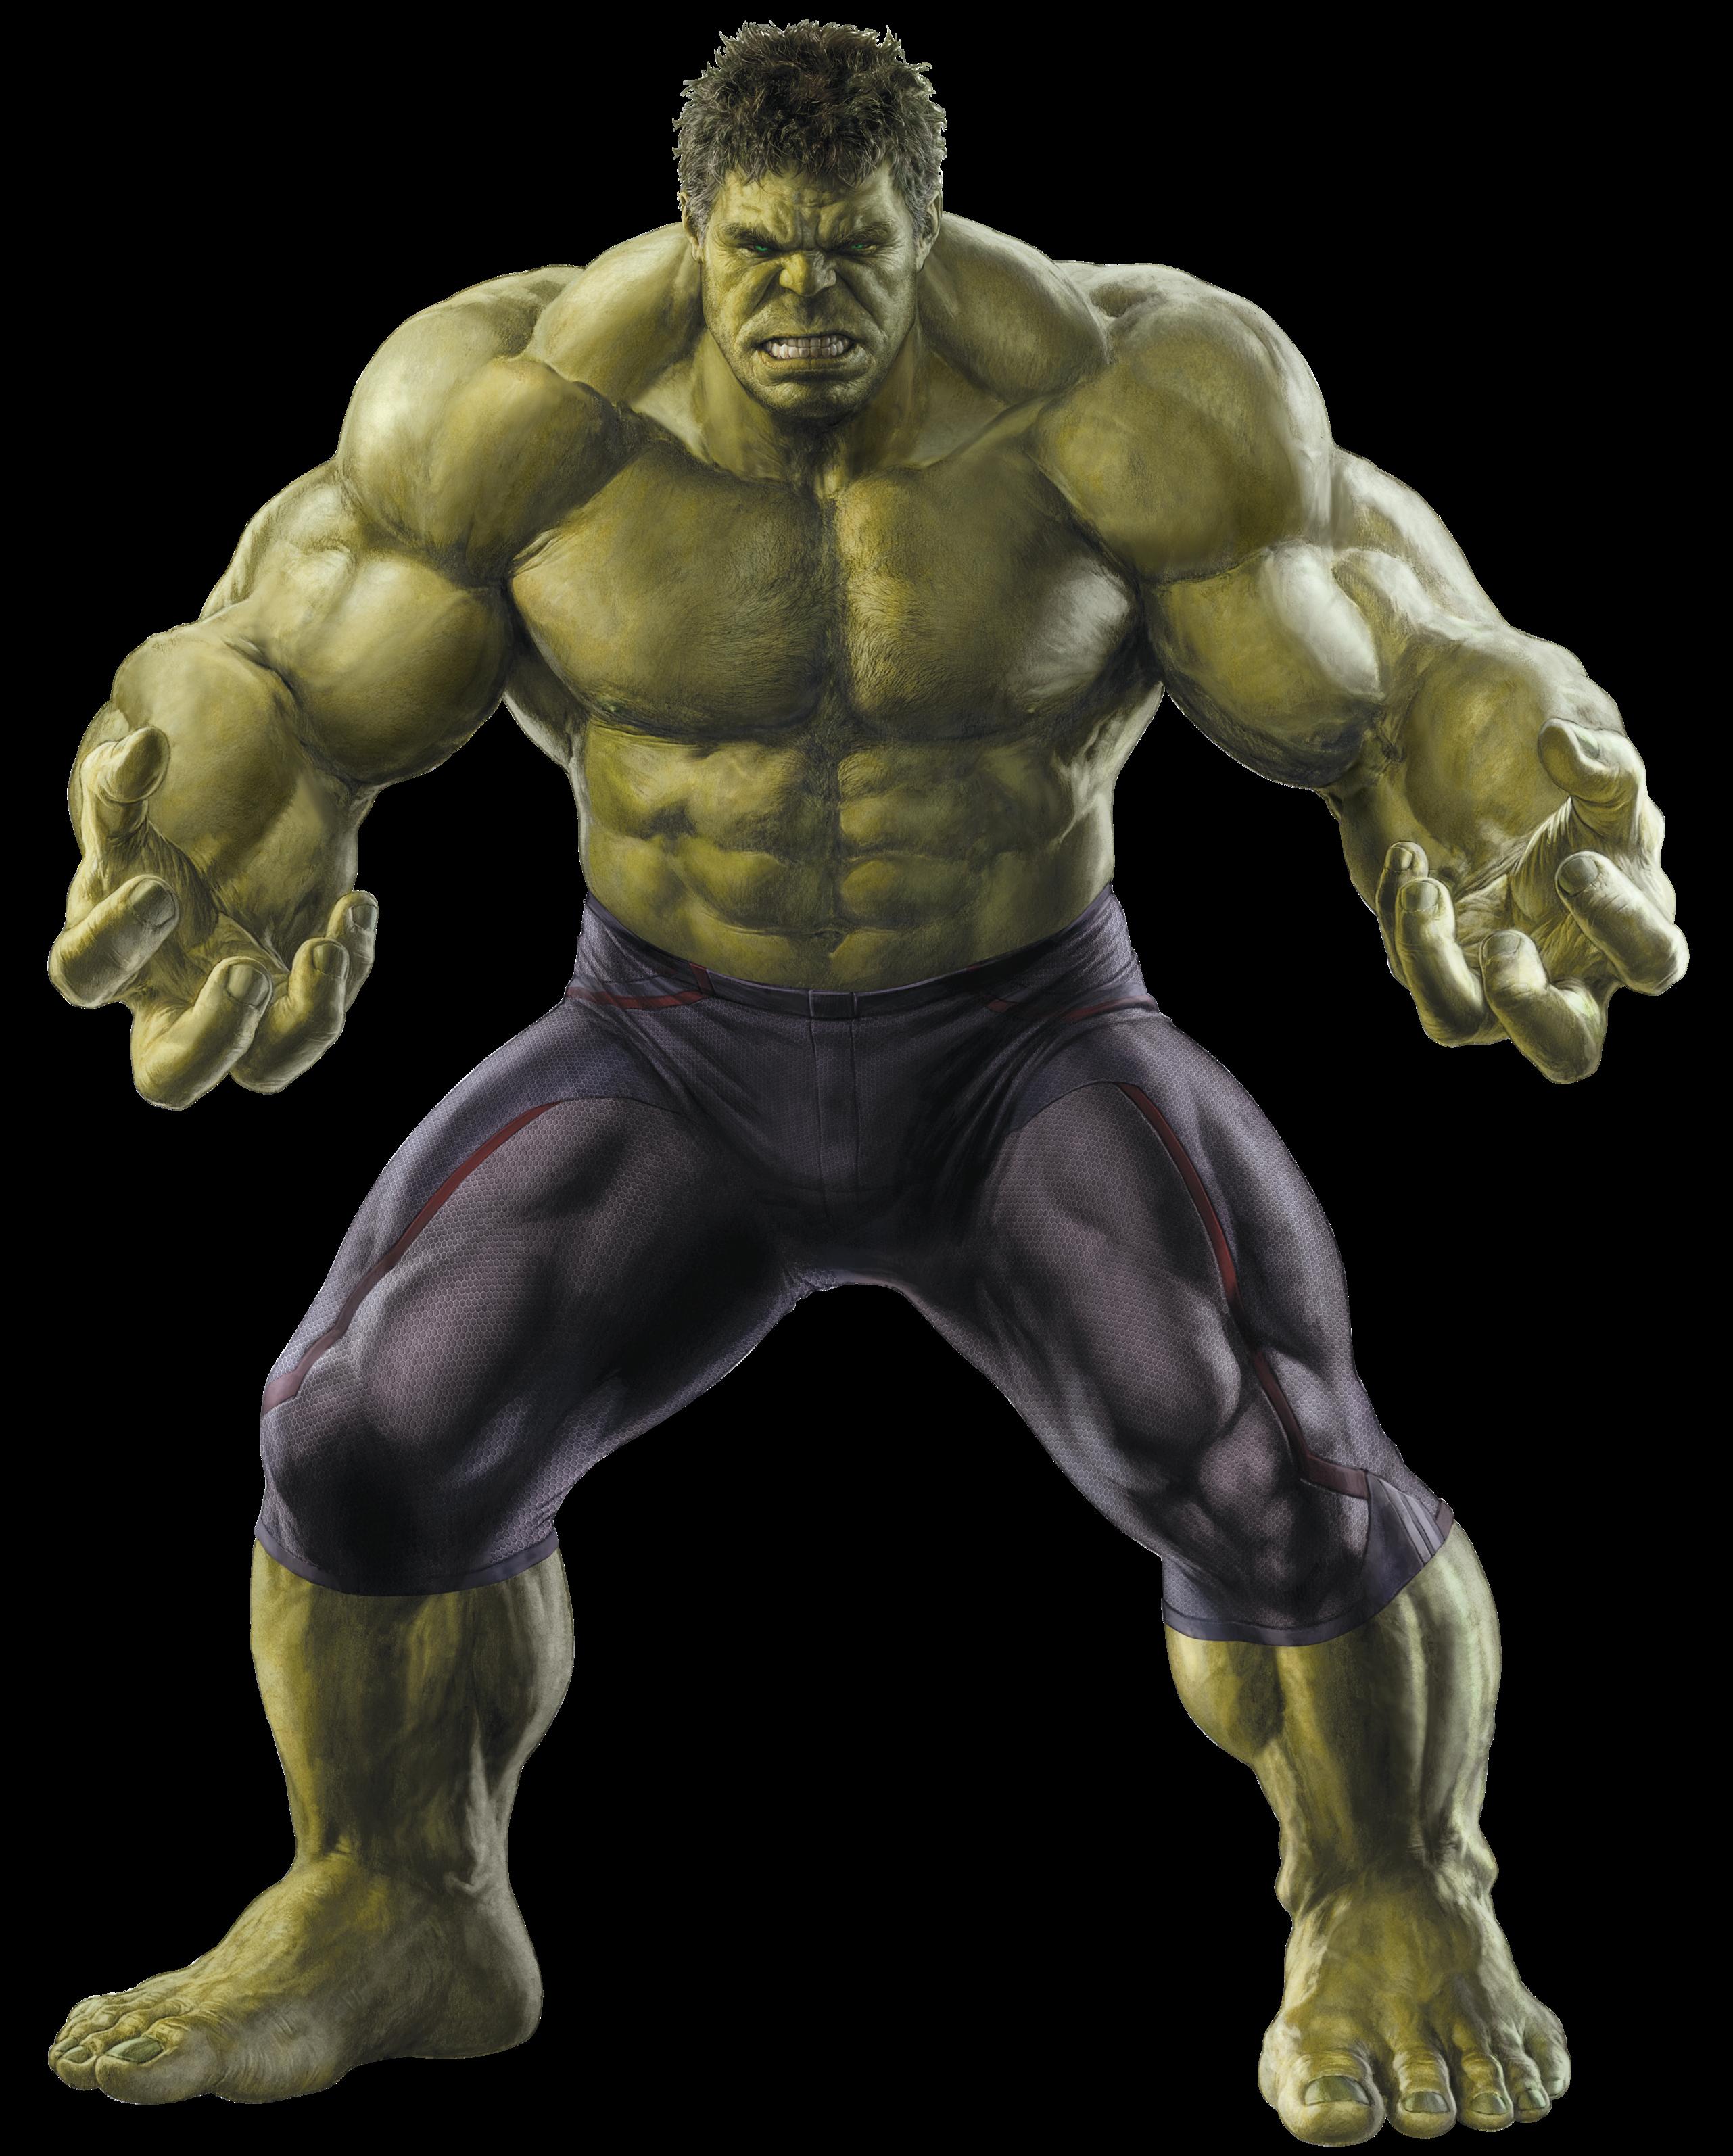 Hulk 2014 Car New